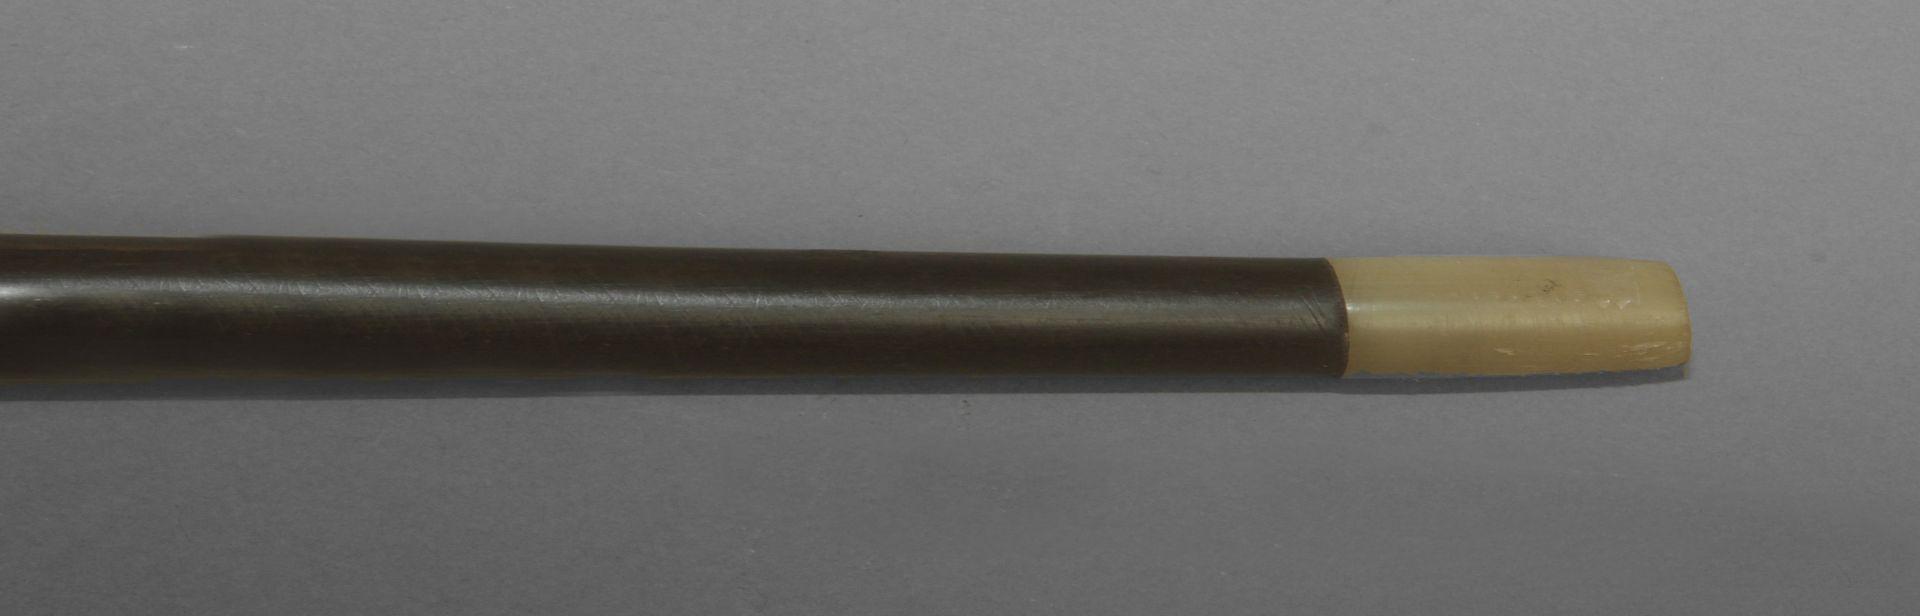 A 19th century Japanese walking stick - Bild 6 aus 6